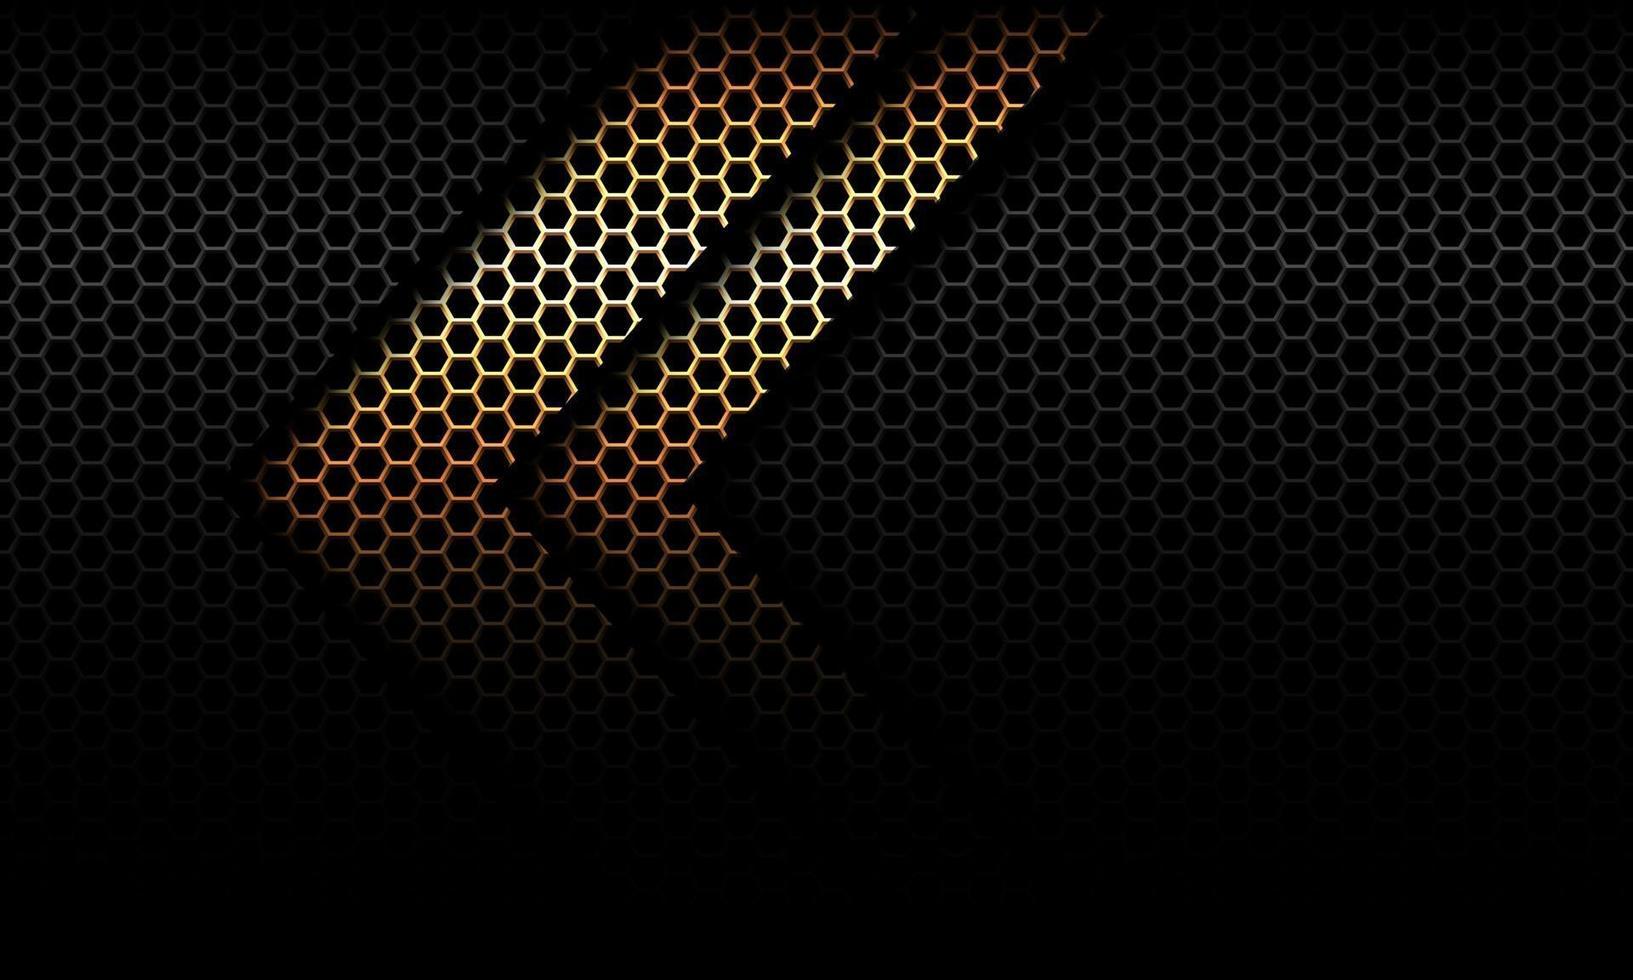 abstrakt gyllene pilskuggriktning på svart hexagon mesh design modern futuristisk bakgrundsvektorillustration. vektor